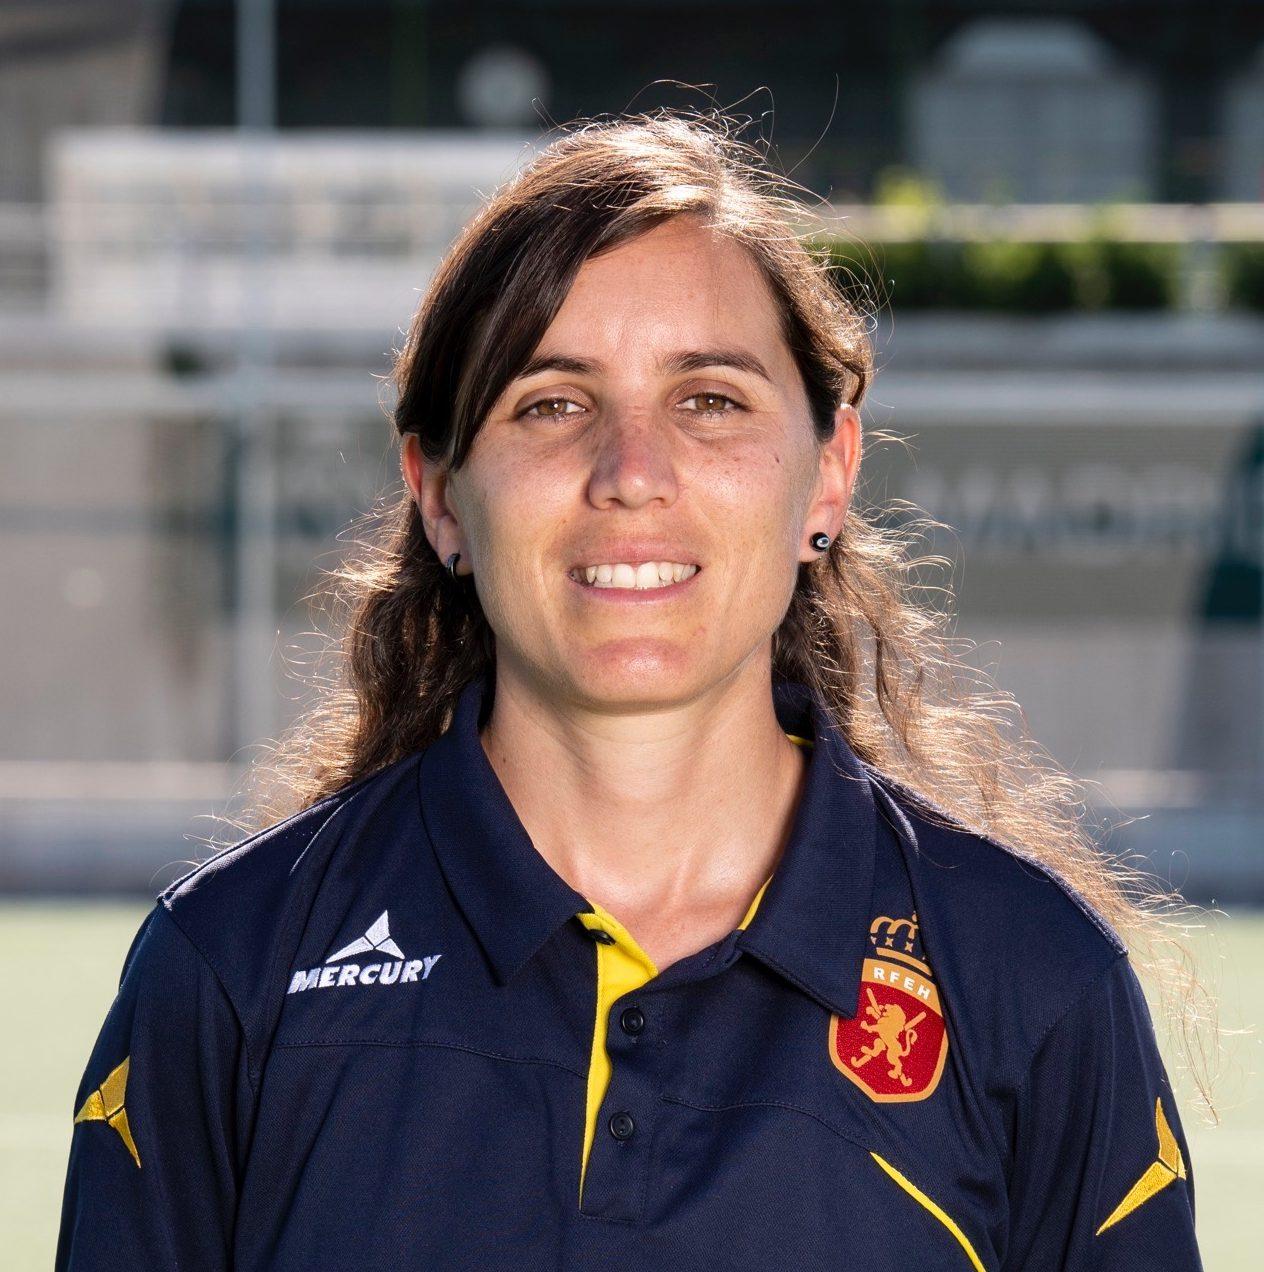 Esther Morencos